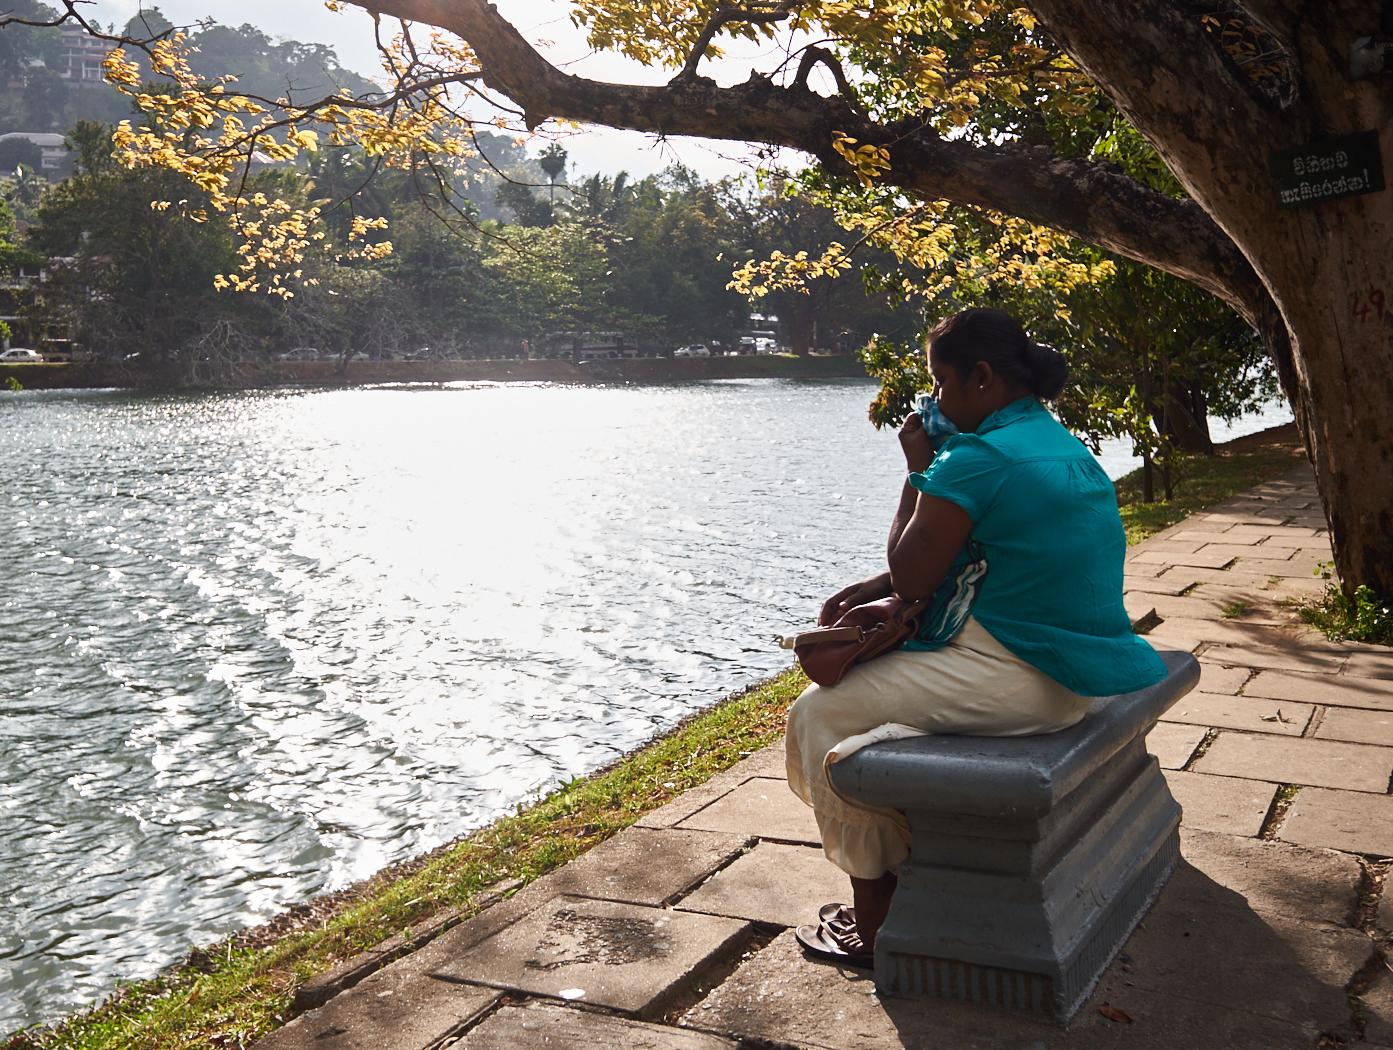 Alone by Kandy lake.jpg